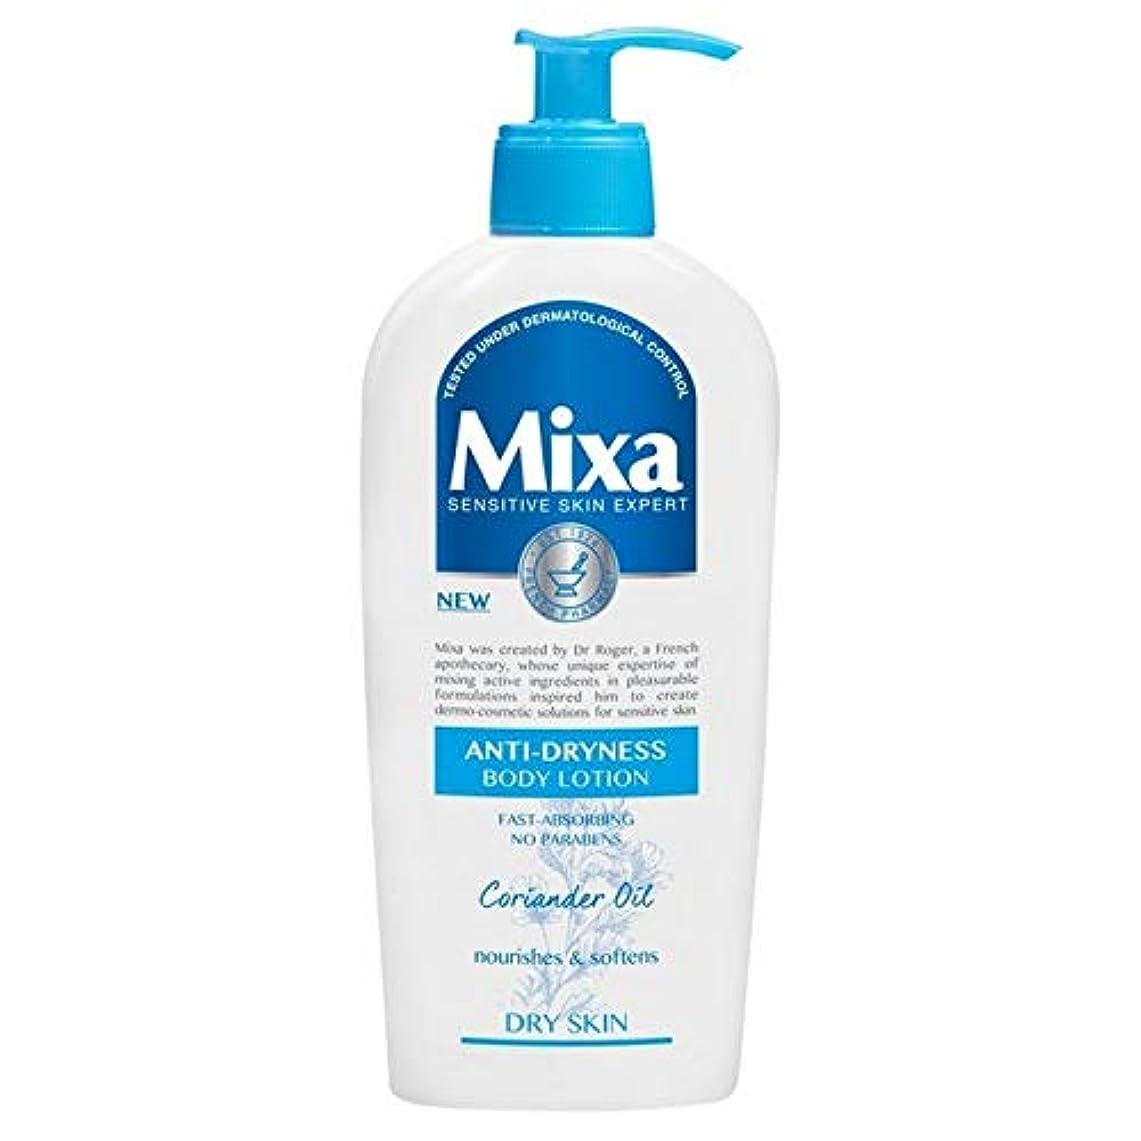 姓靴下判読できない[Mixa] Mixa抗乾燥ボディローション250ミリリットル - Mixa Anti-Dryness Body Lotion 250ml [並行輸入品]